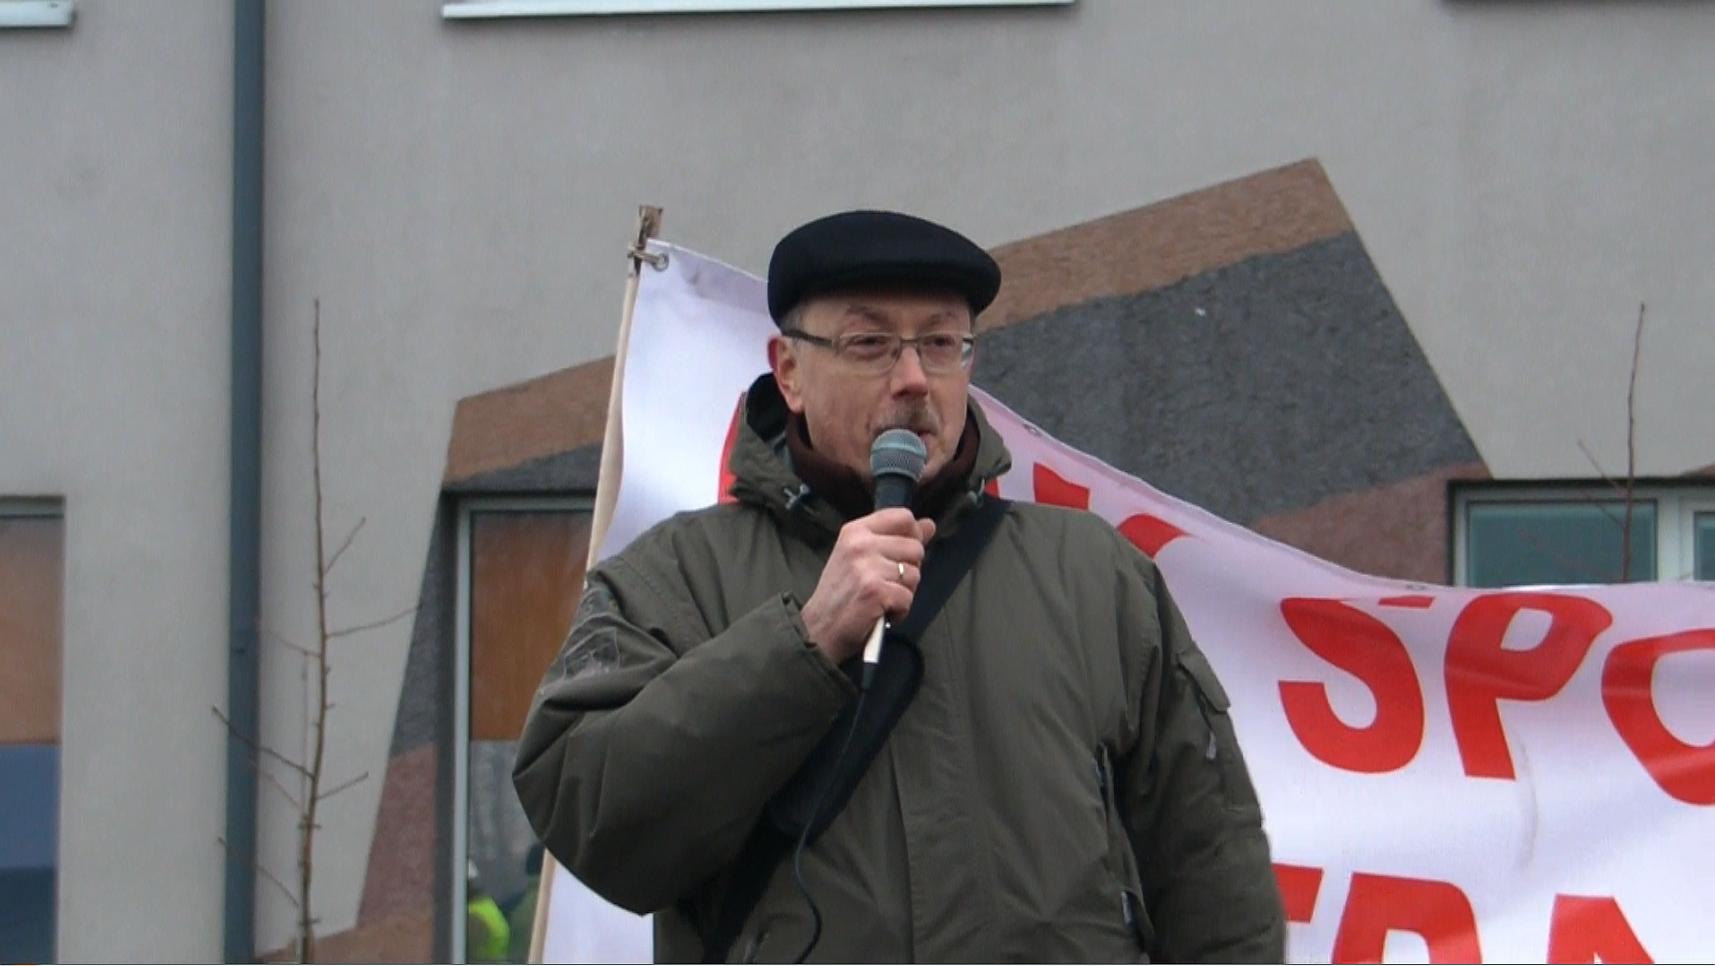 WOLNY CZYN: Przyszły Prezydent RP Adam Słomka w walczącym Jastrzębiu